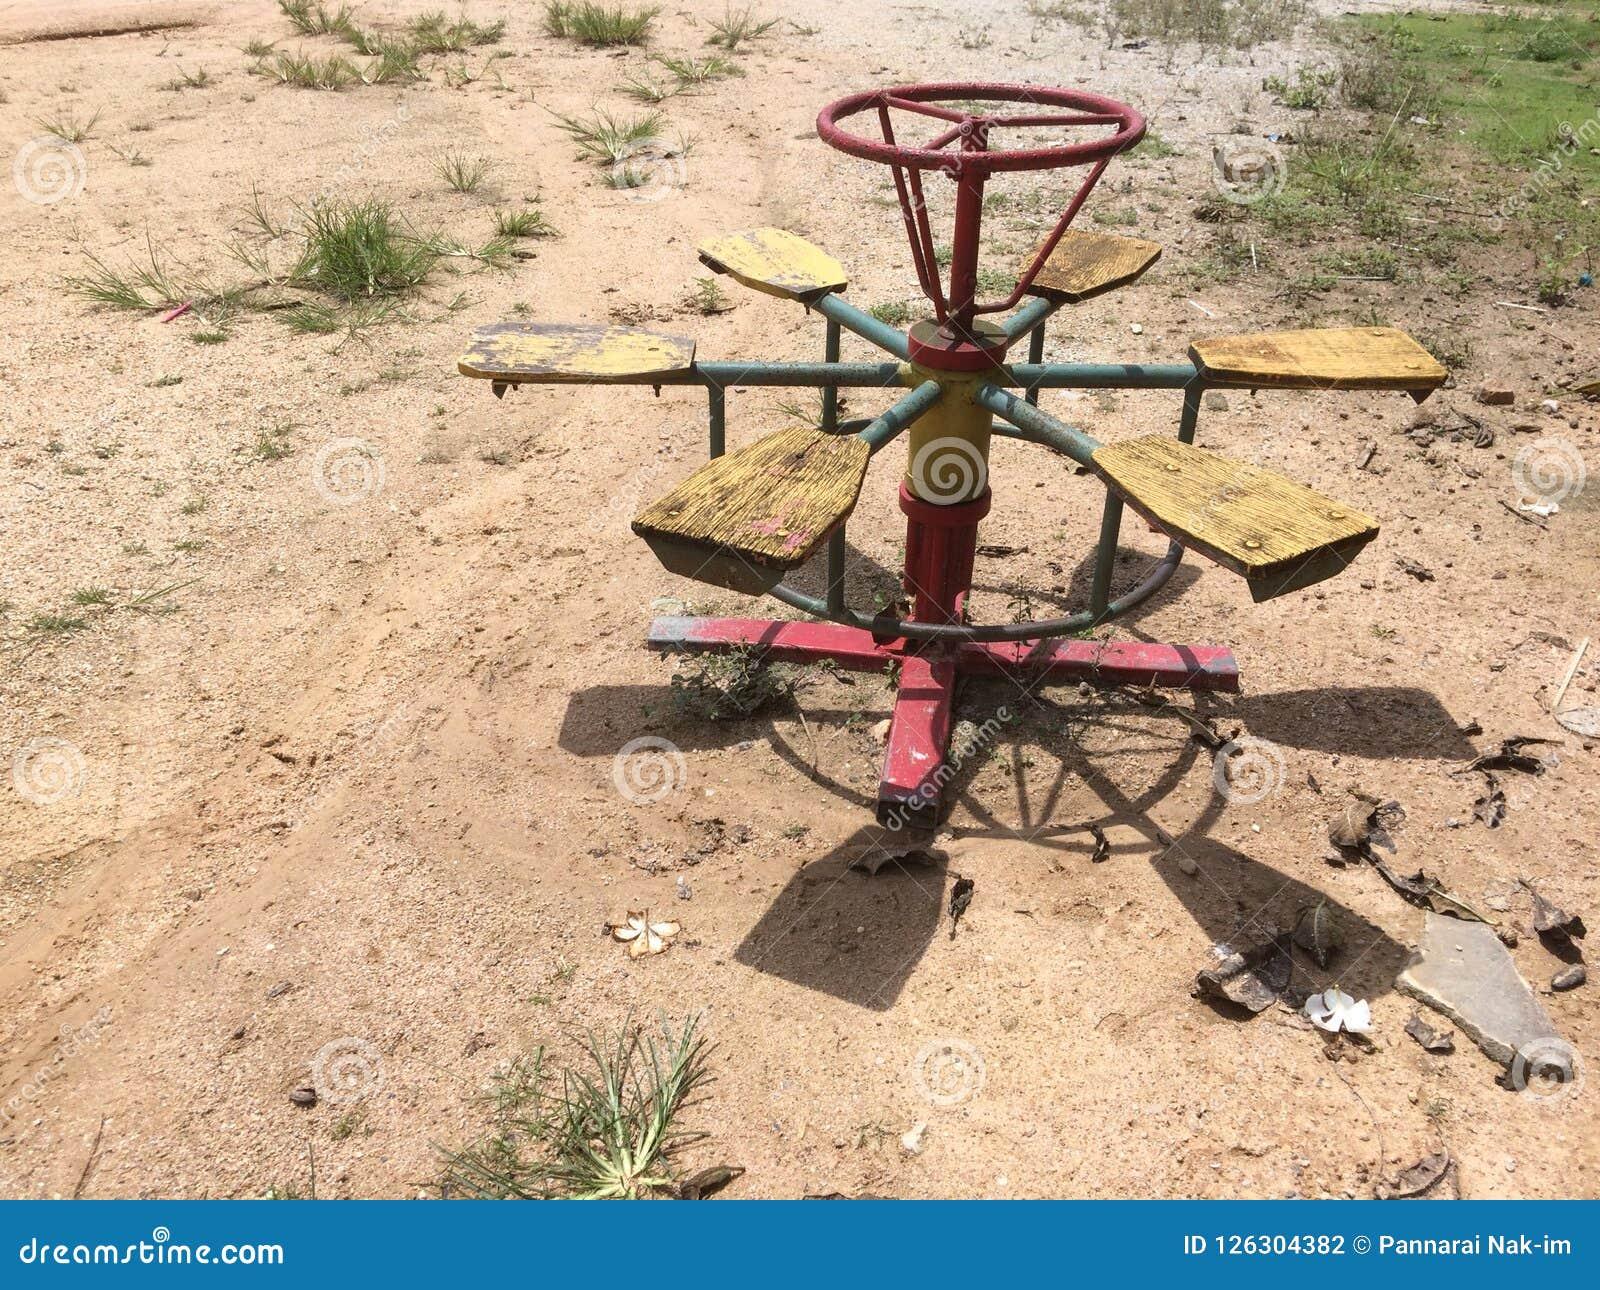 Karussell ist ein Spielzeug für ländliche Kinder